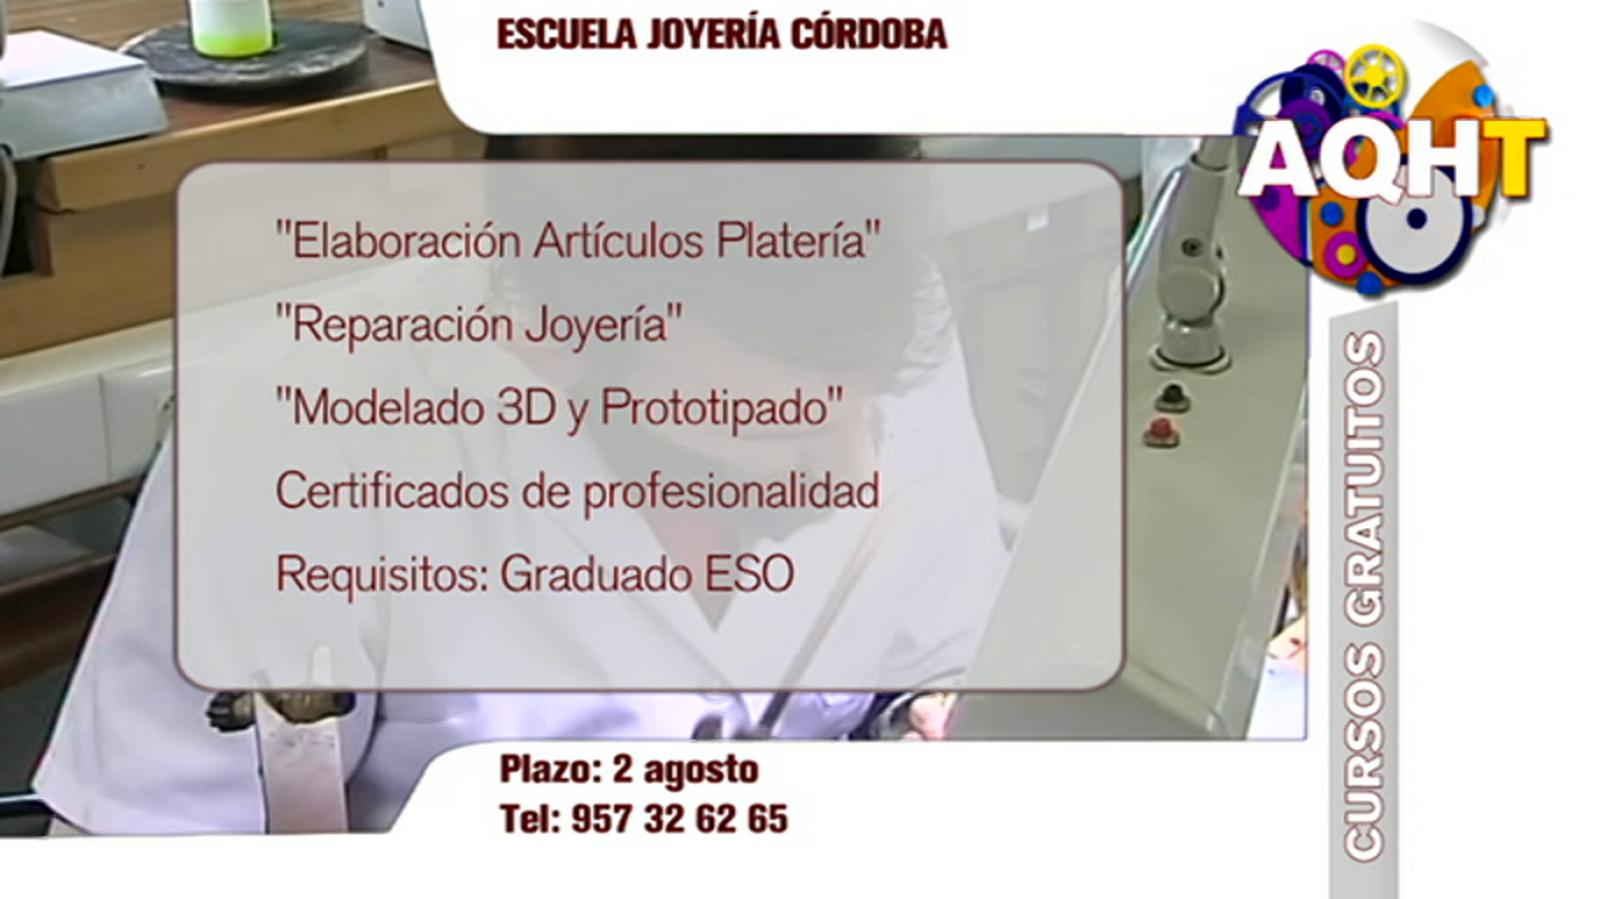 Aquí hay trabajo - 13/07/18 - RTVE.es